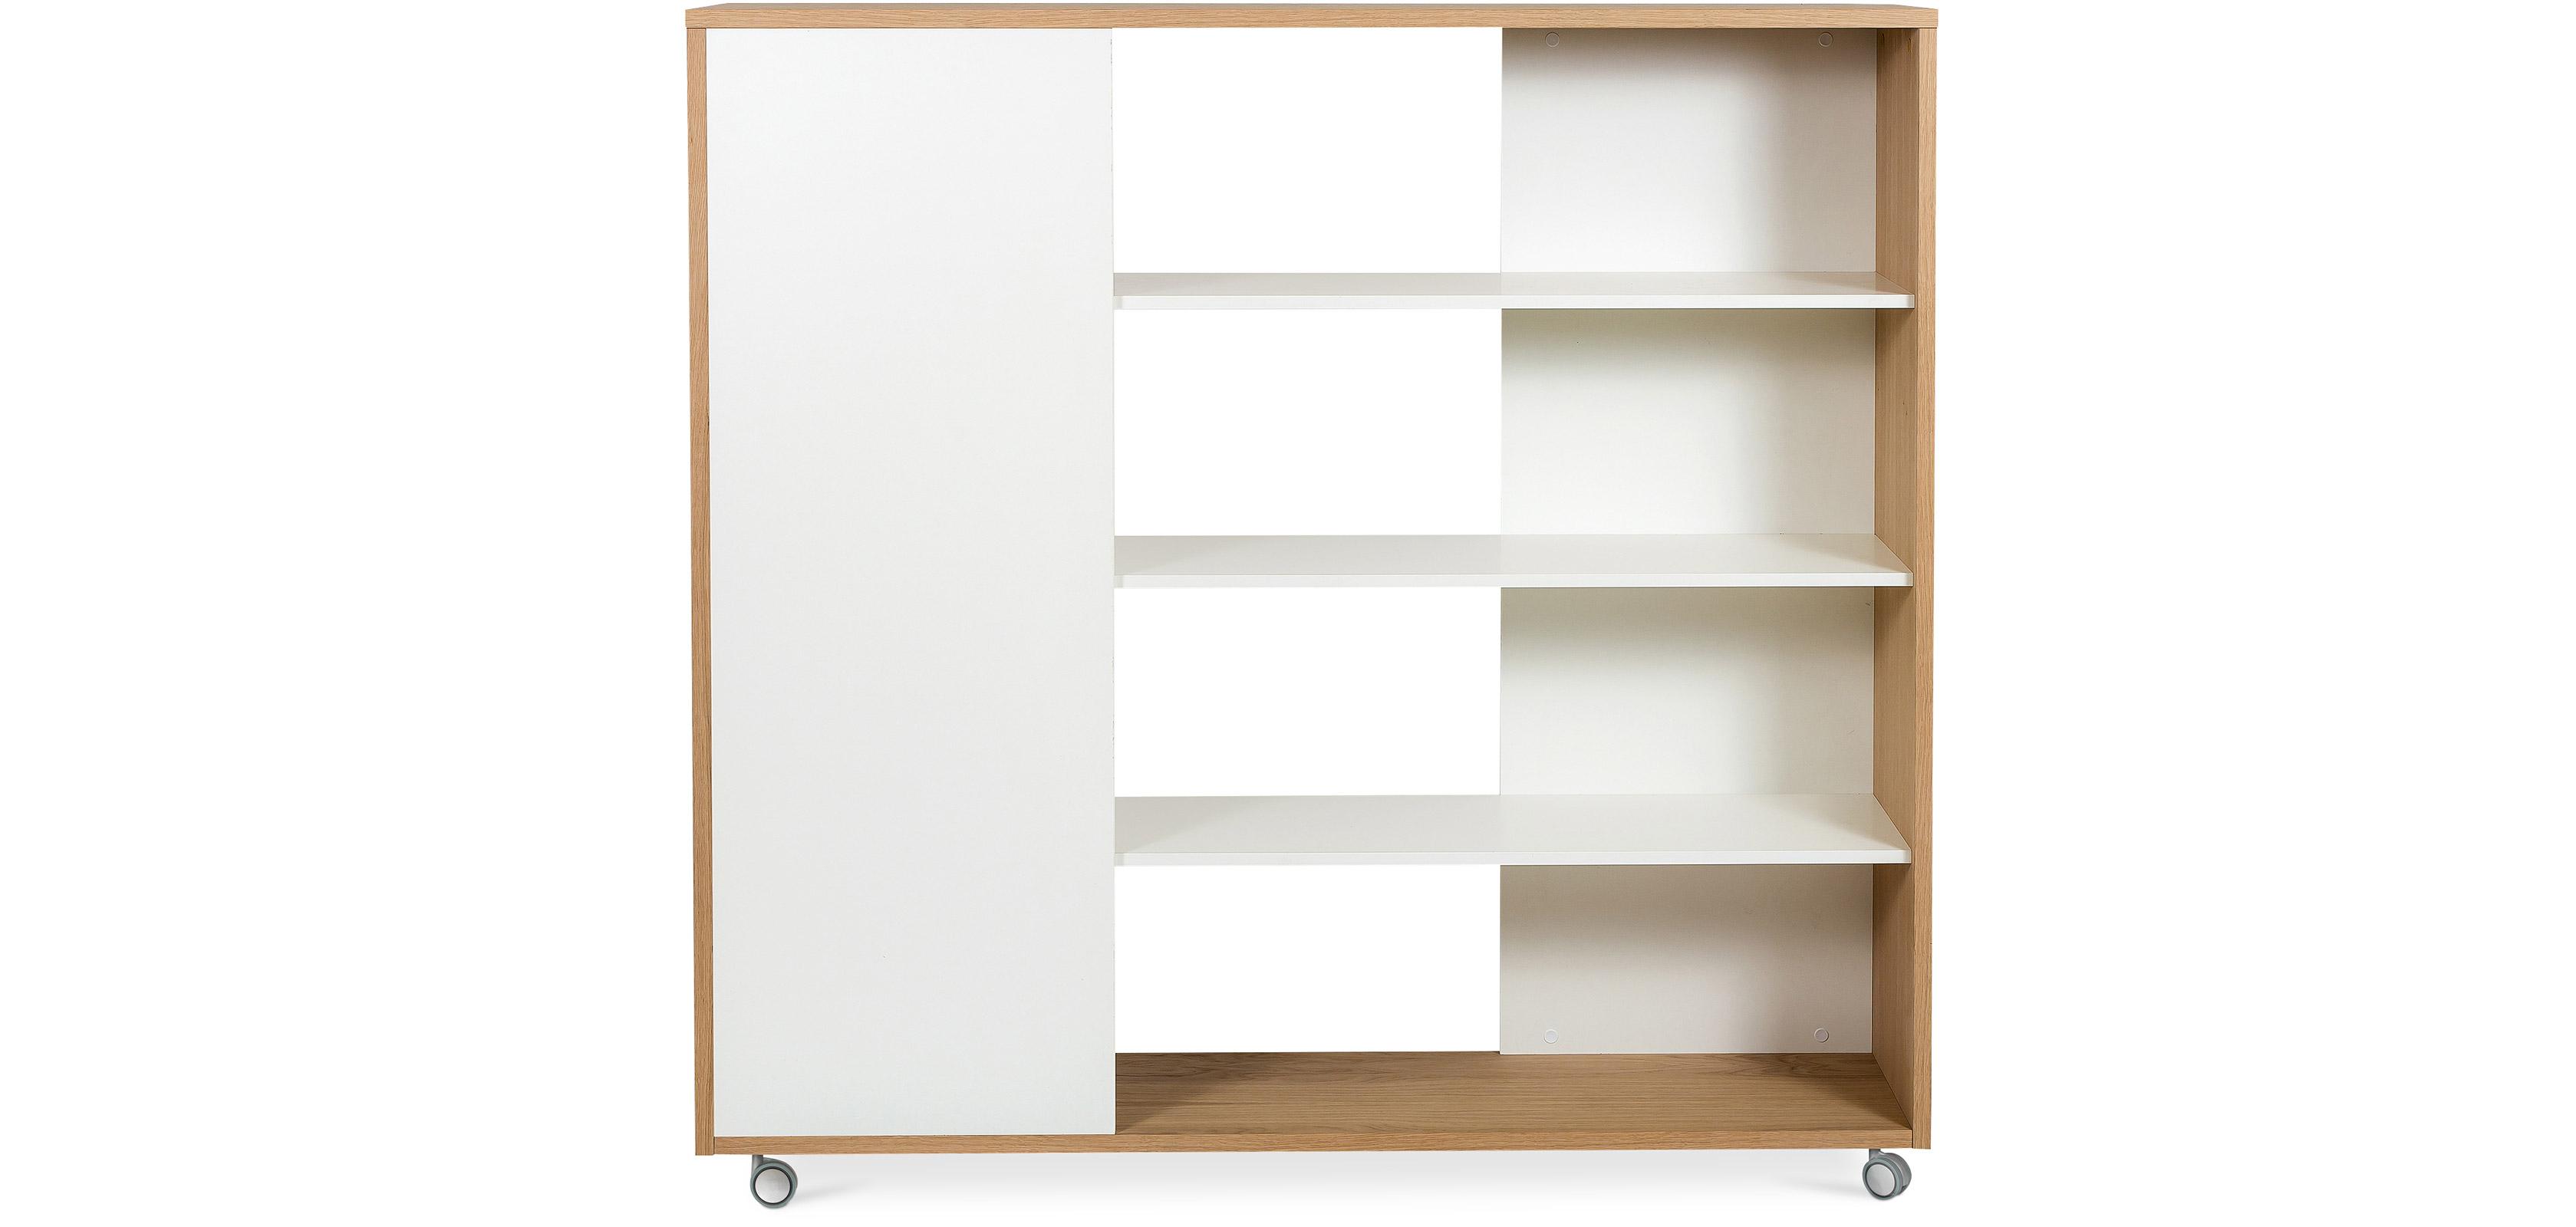 meuble biblioth que meuble de s paration. Black Bedroom Furniture Sets. Home Design Ideas